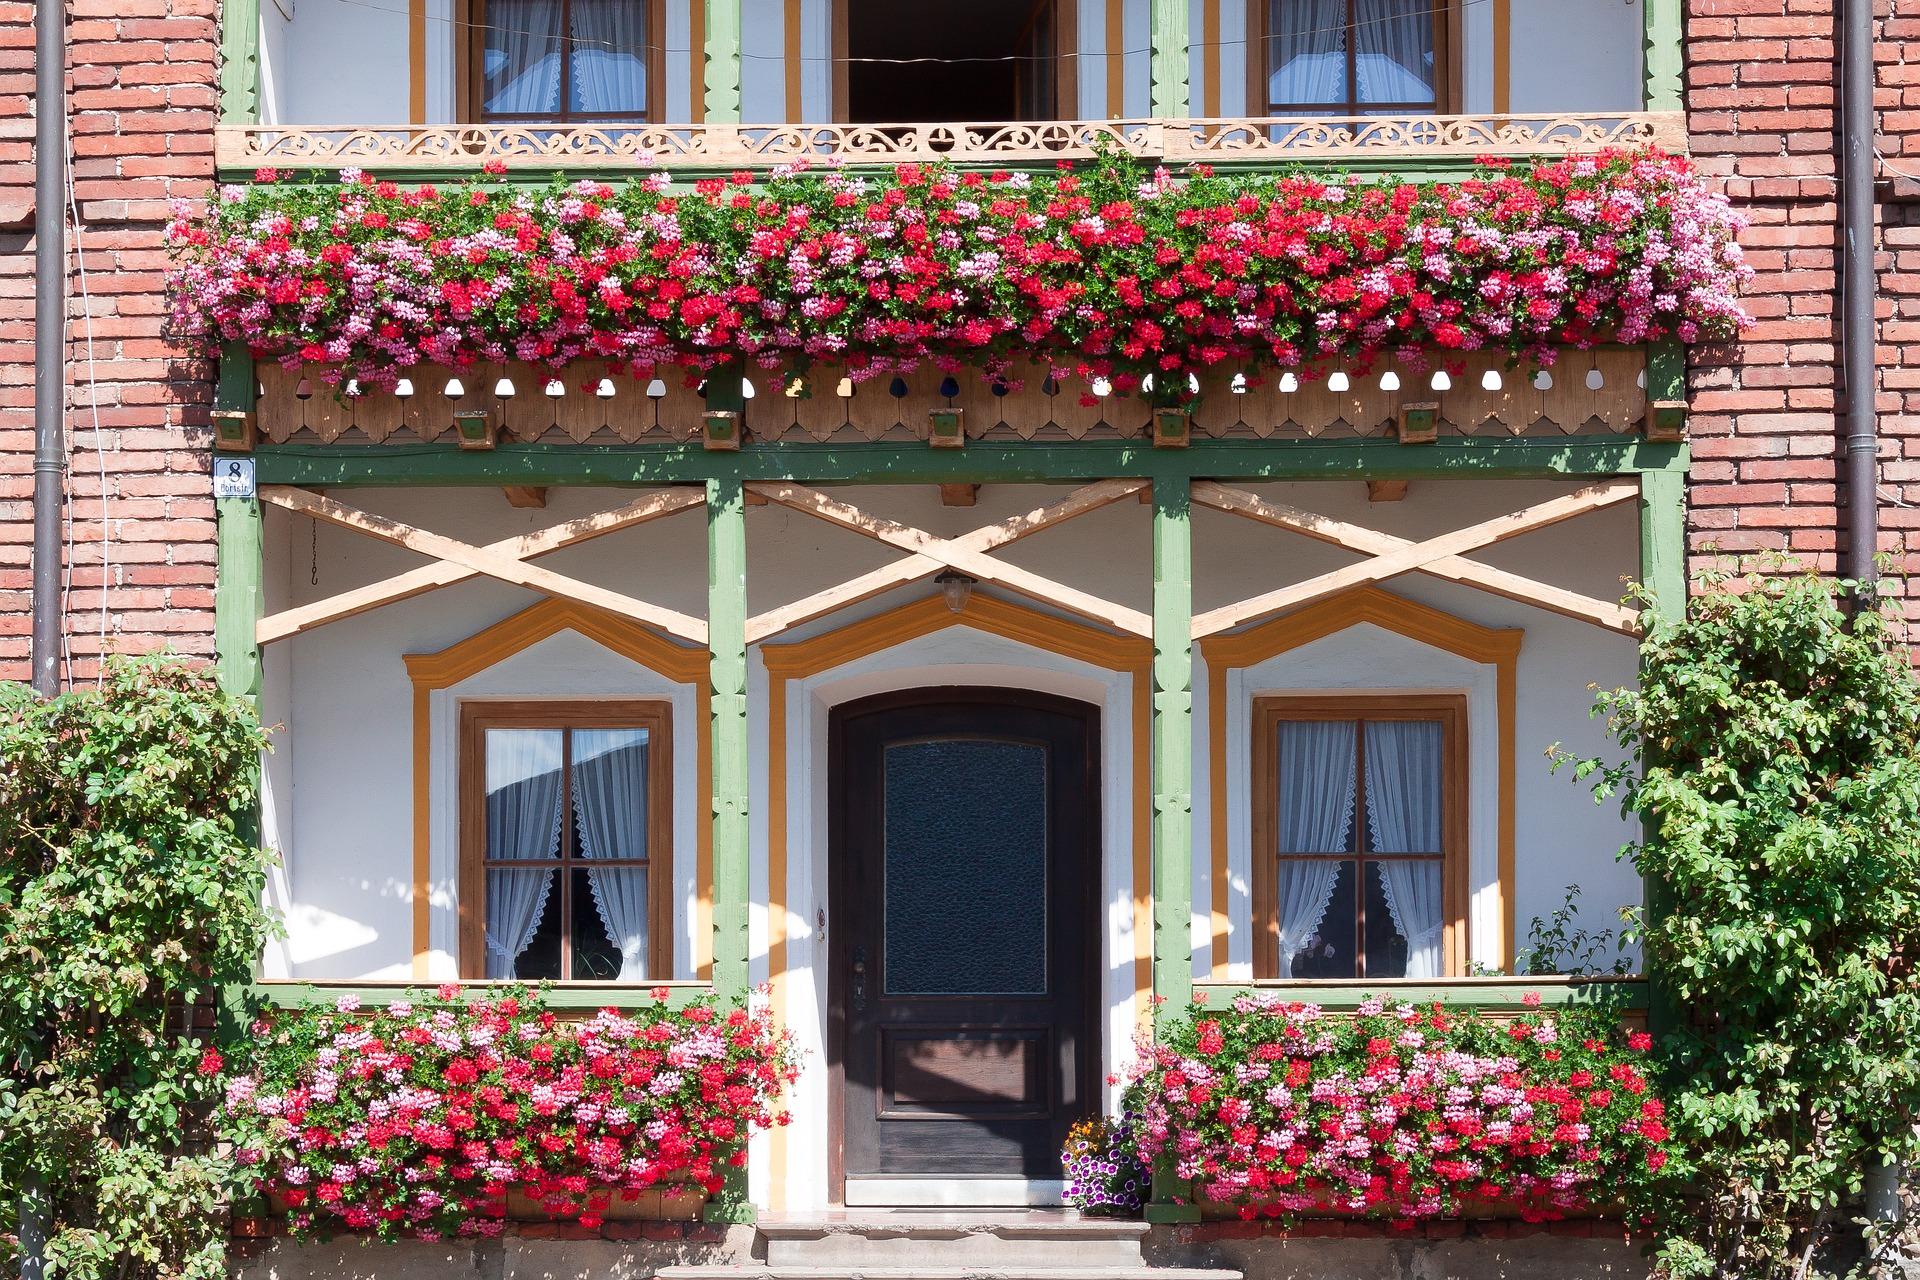 Nawożenie roślin balkonowych - jak należy o to zadbać?